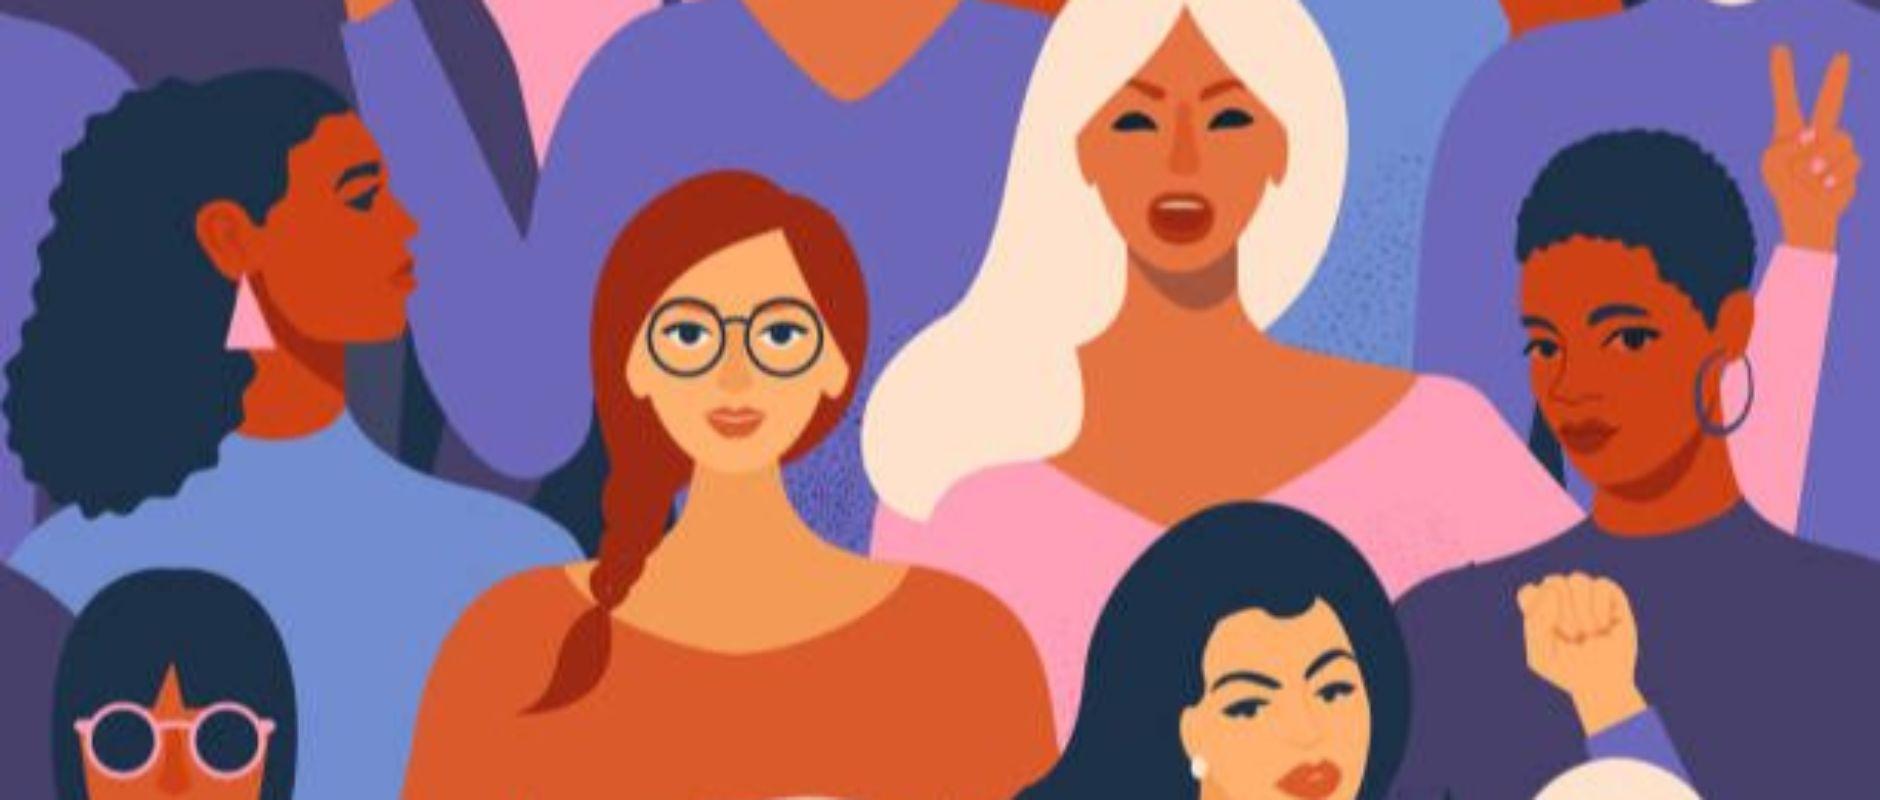 THE WARRIOR WOMEN NETWORK